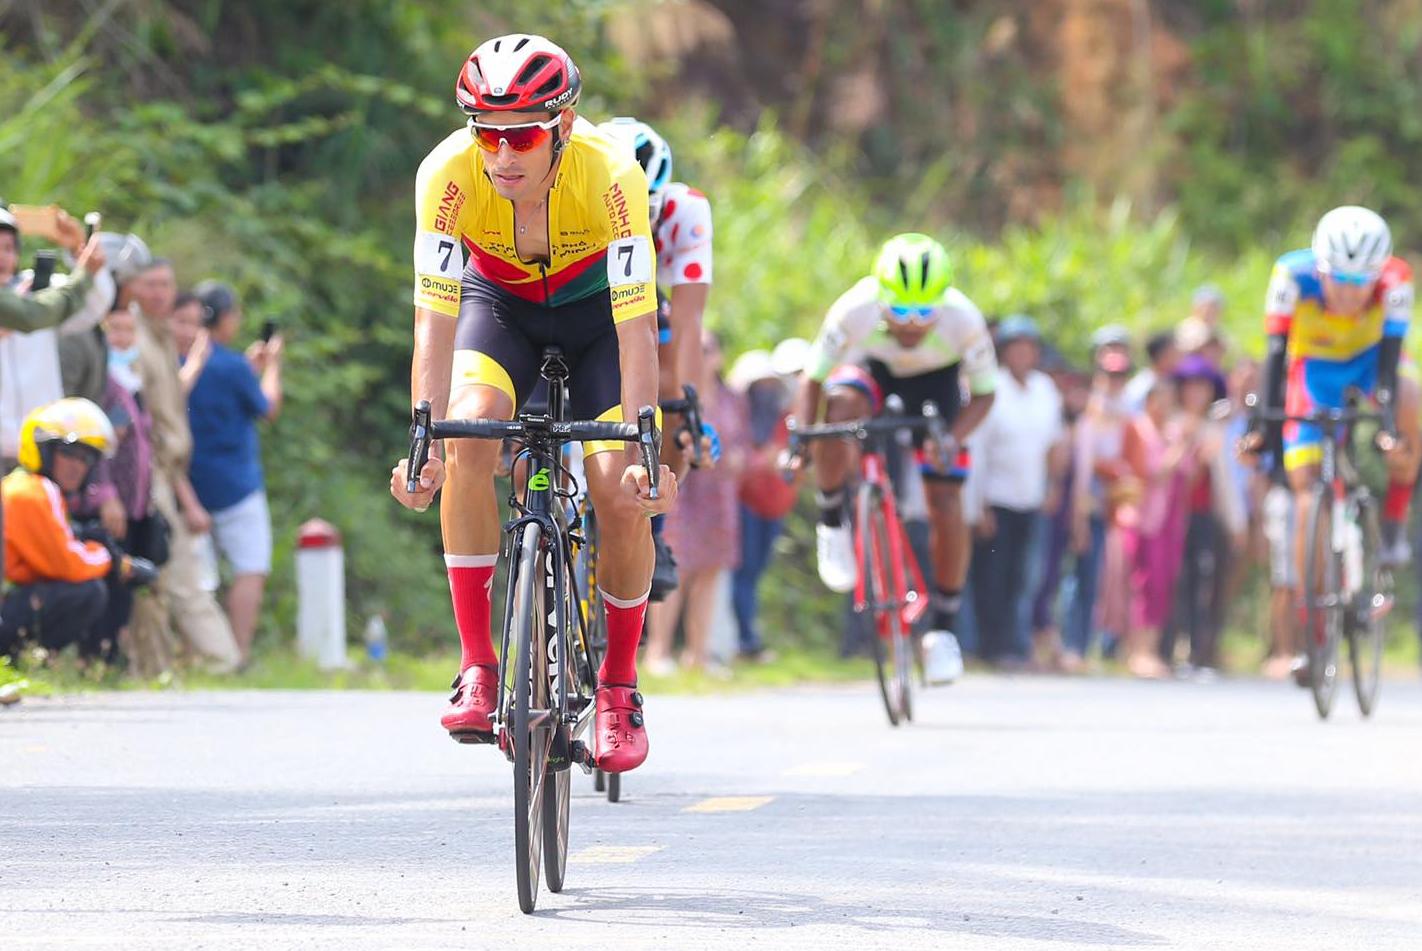 Berdiri di atas umpan spektakuler pertama, Javier Perez segera memenangkan Kaos Merah Piala Televisi 2021. Foto: Van Thuan.